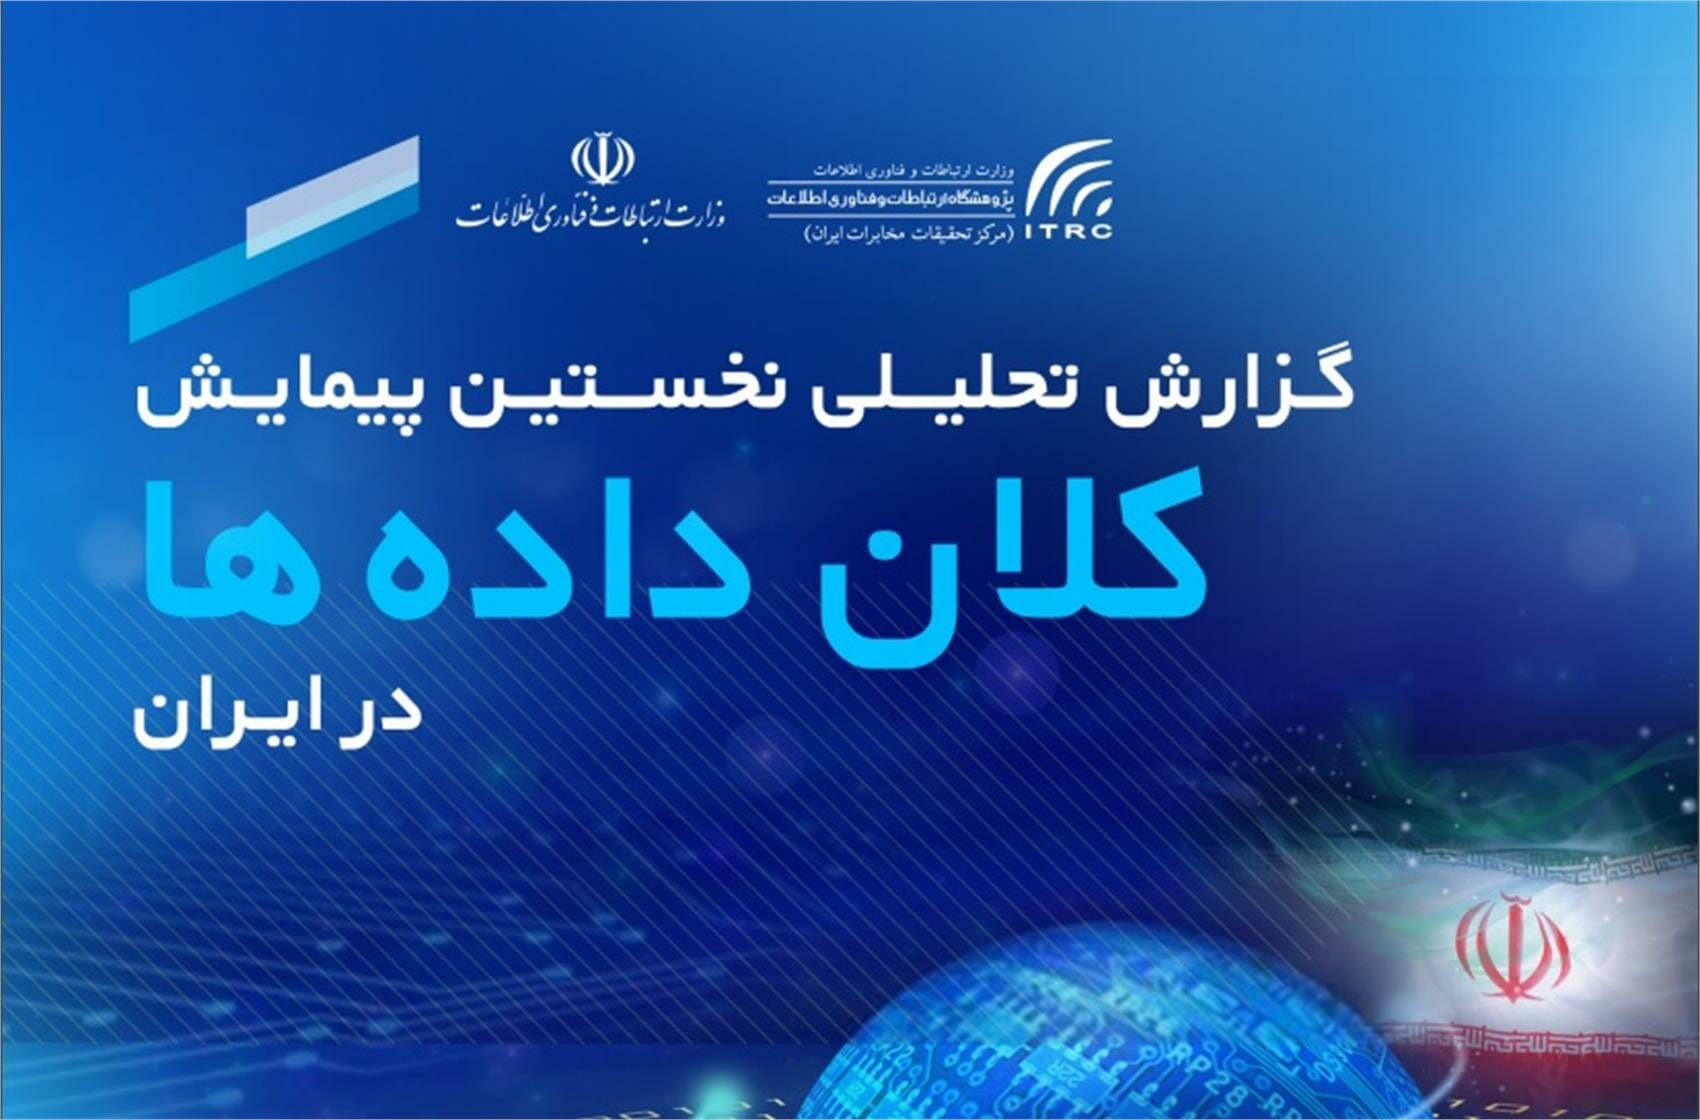 تصویر از گزارش تحلیلی نخستین پیمایش کلان دادهها در ایران